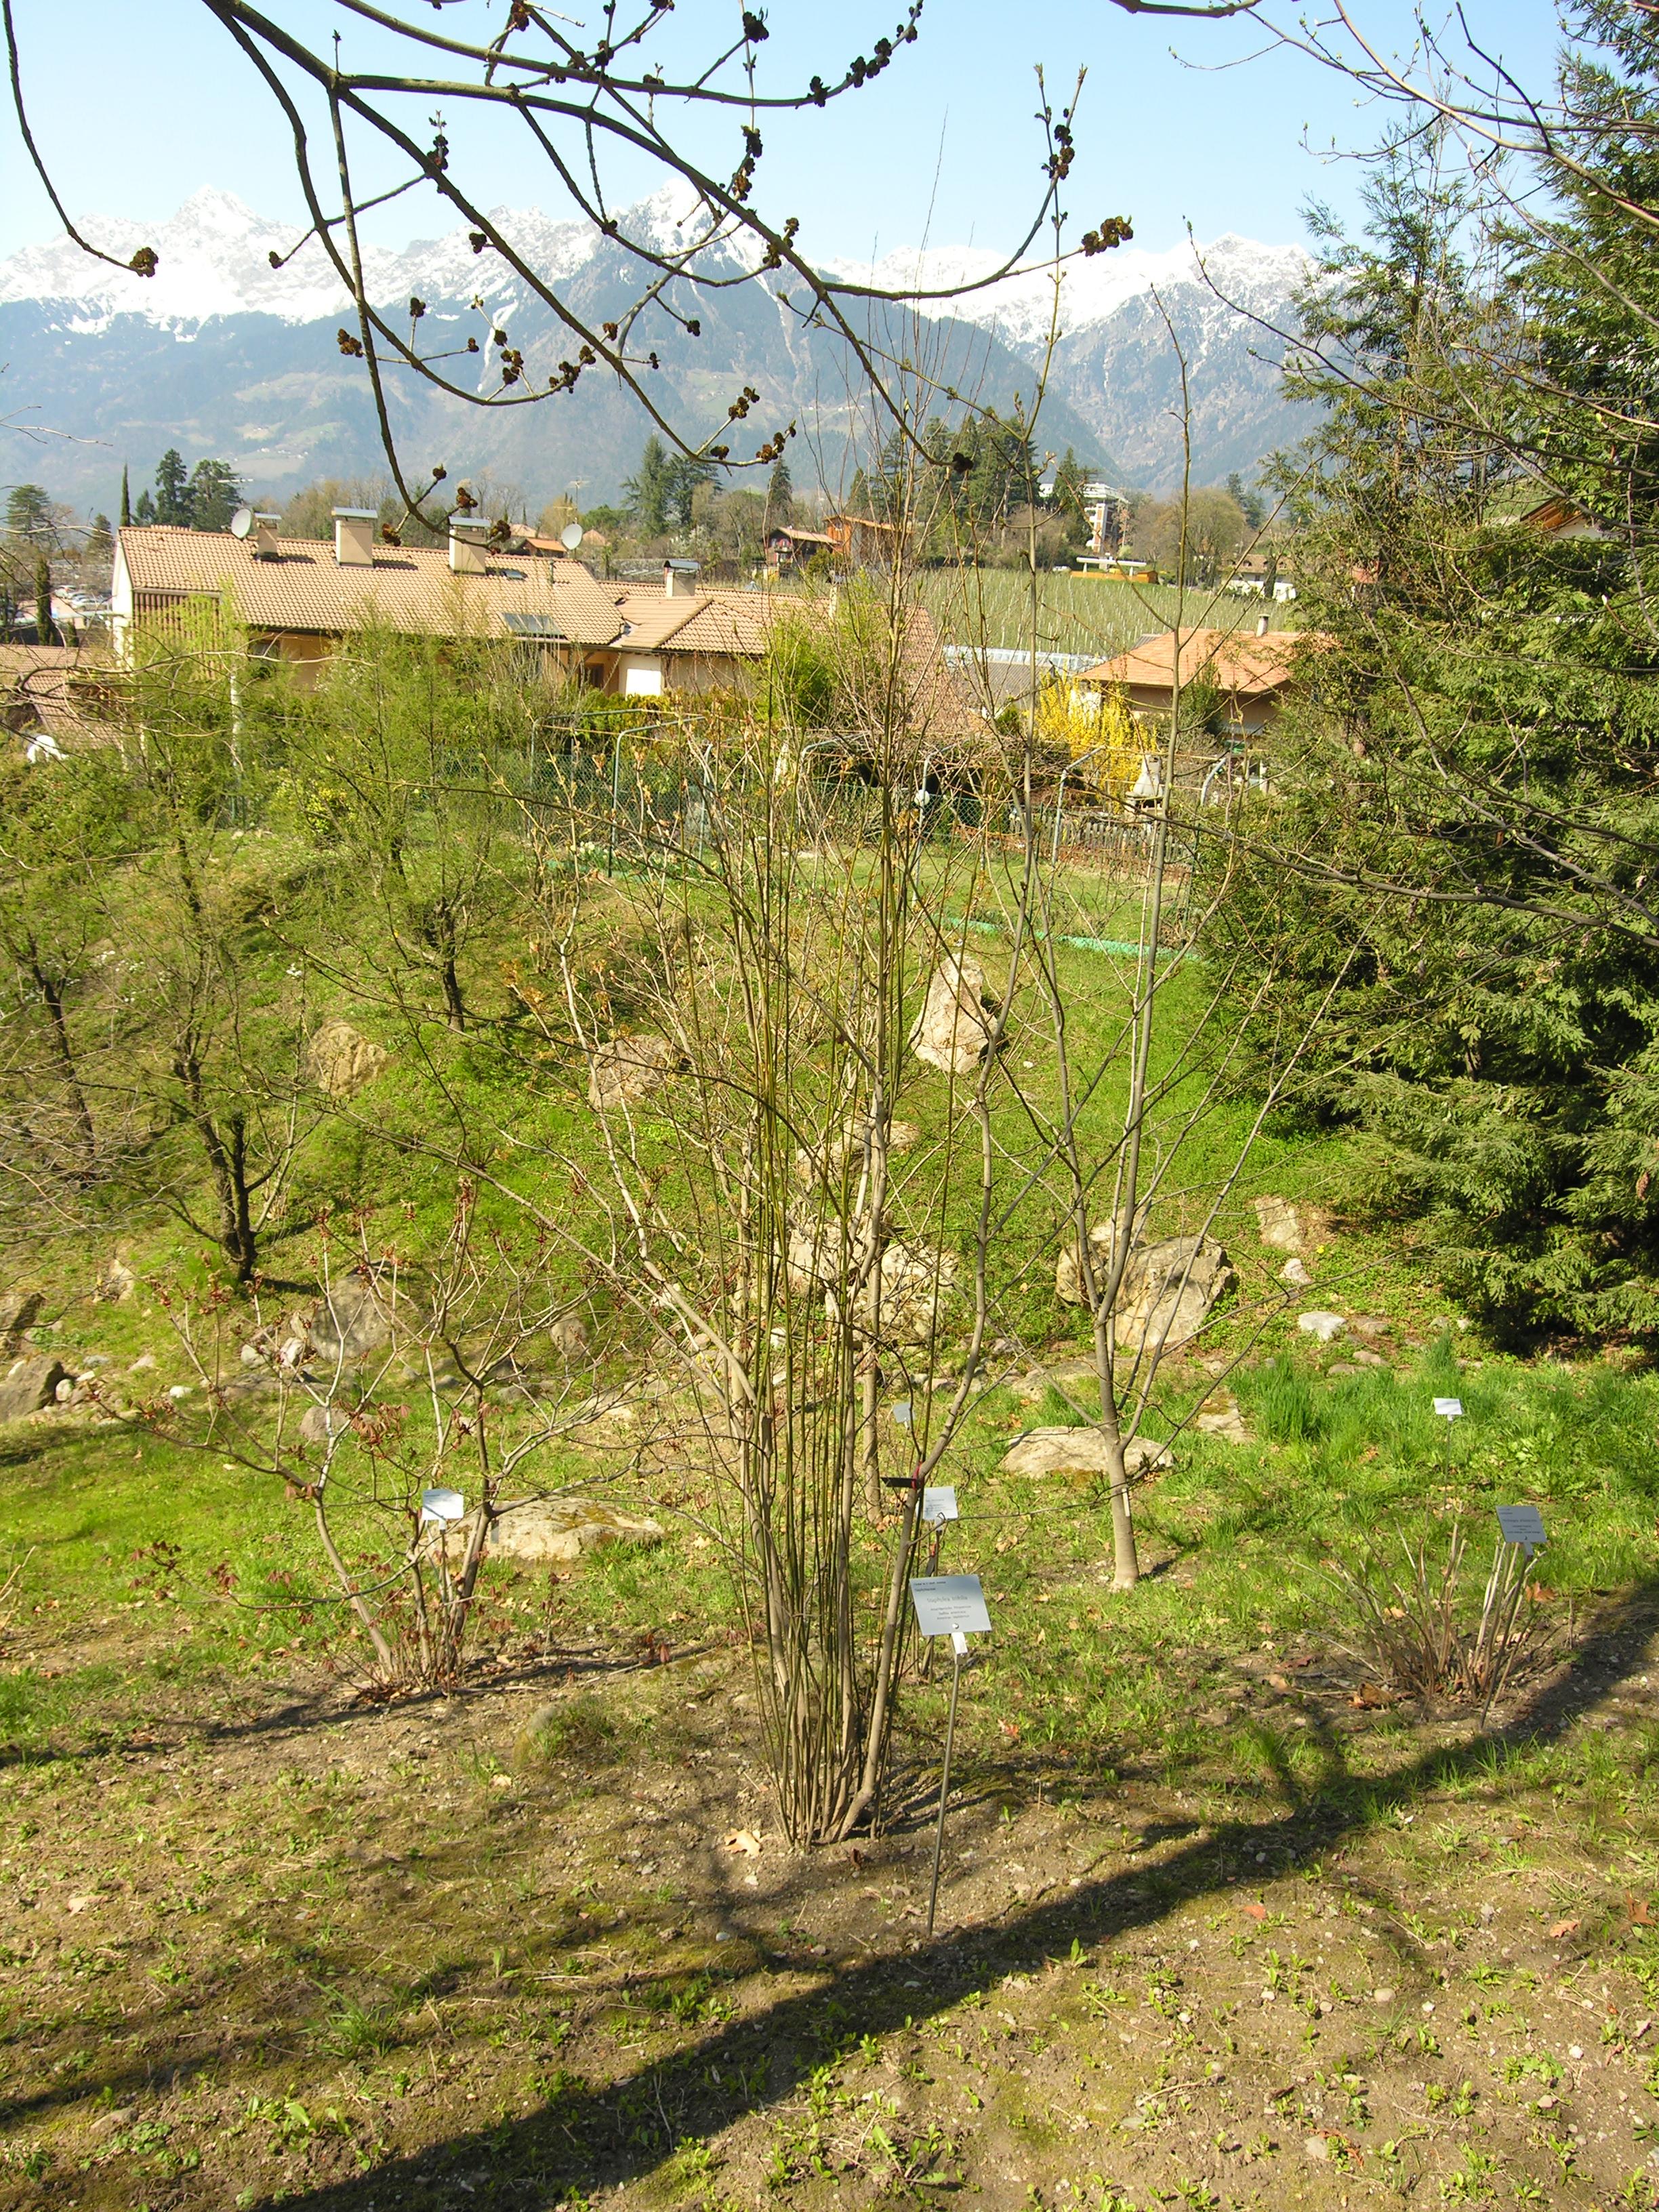 © Dipartimento di Scienze della Vita, Università degli Studi di Trieste<br>by Andrea Moro<br>Comune di Merano, Giardini di Castel Trauttmansdorff, BZ, Trentino-Alto Adige, Italia, 09/04/2010<br>Distributed under CC-BY-SA 4.0 license.